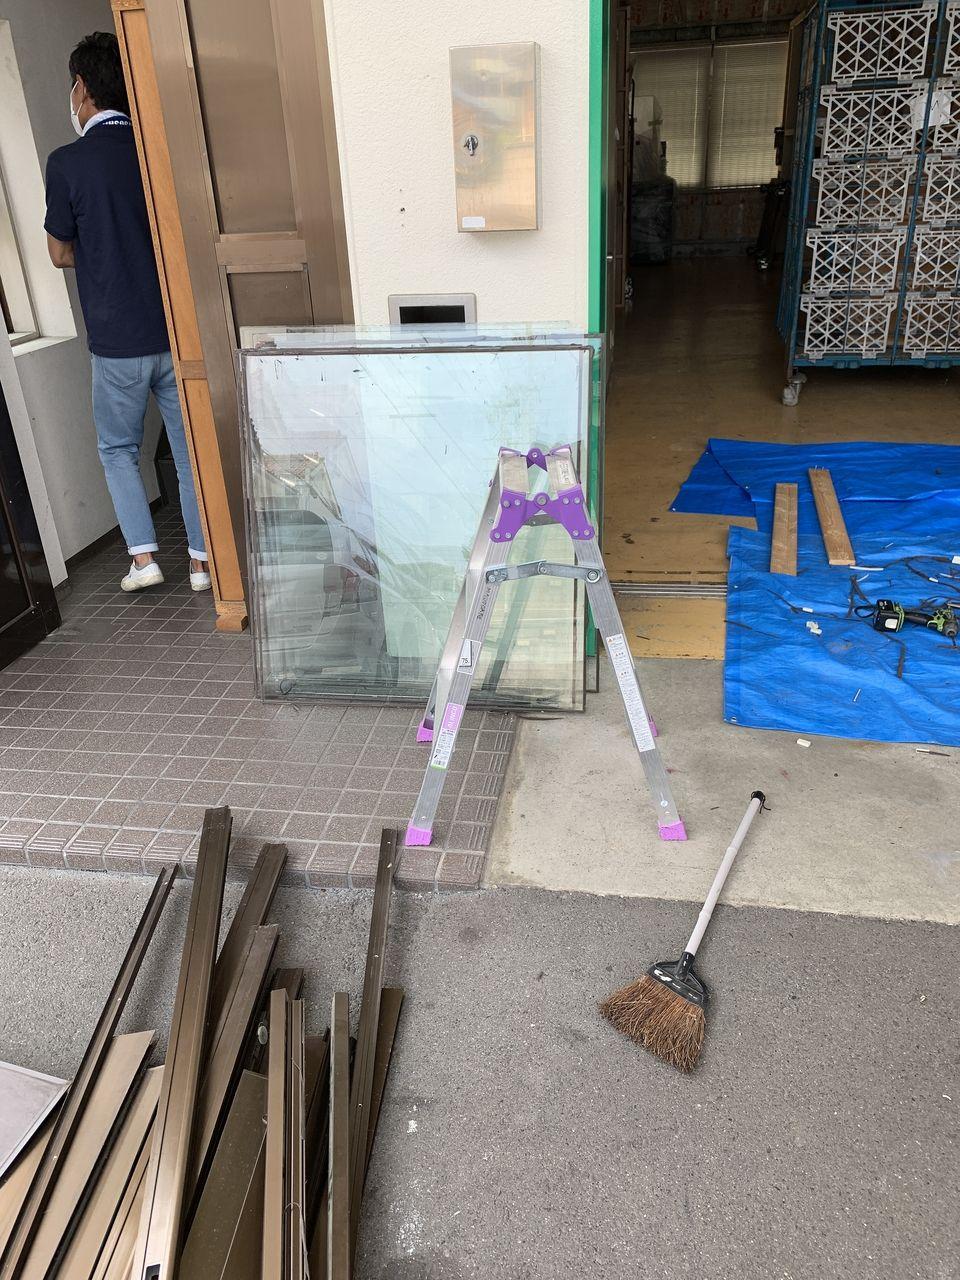 遠足は家につくまでが遠足です。窓工事は片付け完了までが窓工事です!?